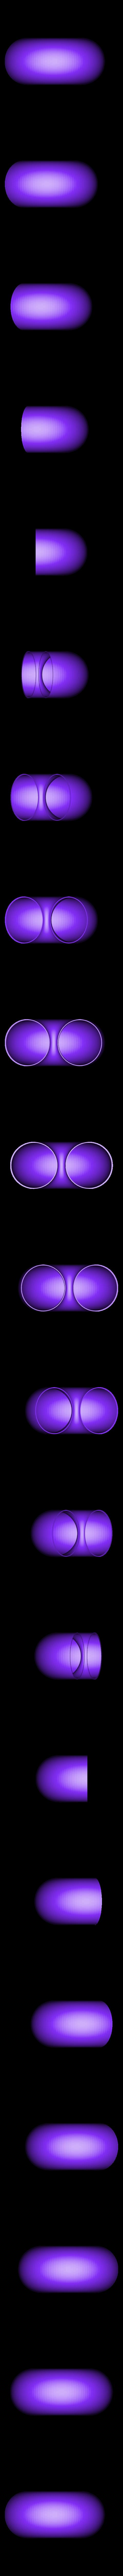 Duct01.STL Télécharger fichier STL gratuit Accessoires pour le Hobbyking (Piccole Ali) Macchi C.205 Veltro ARF • Modèle pour impression 3D, tahustvedt